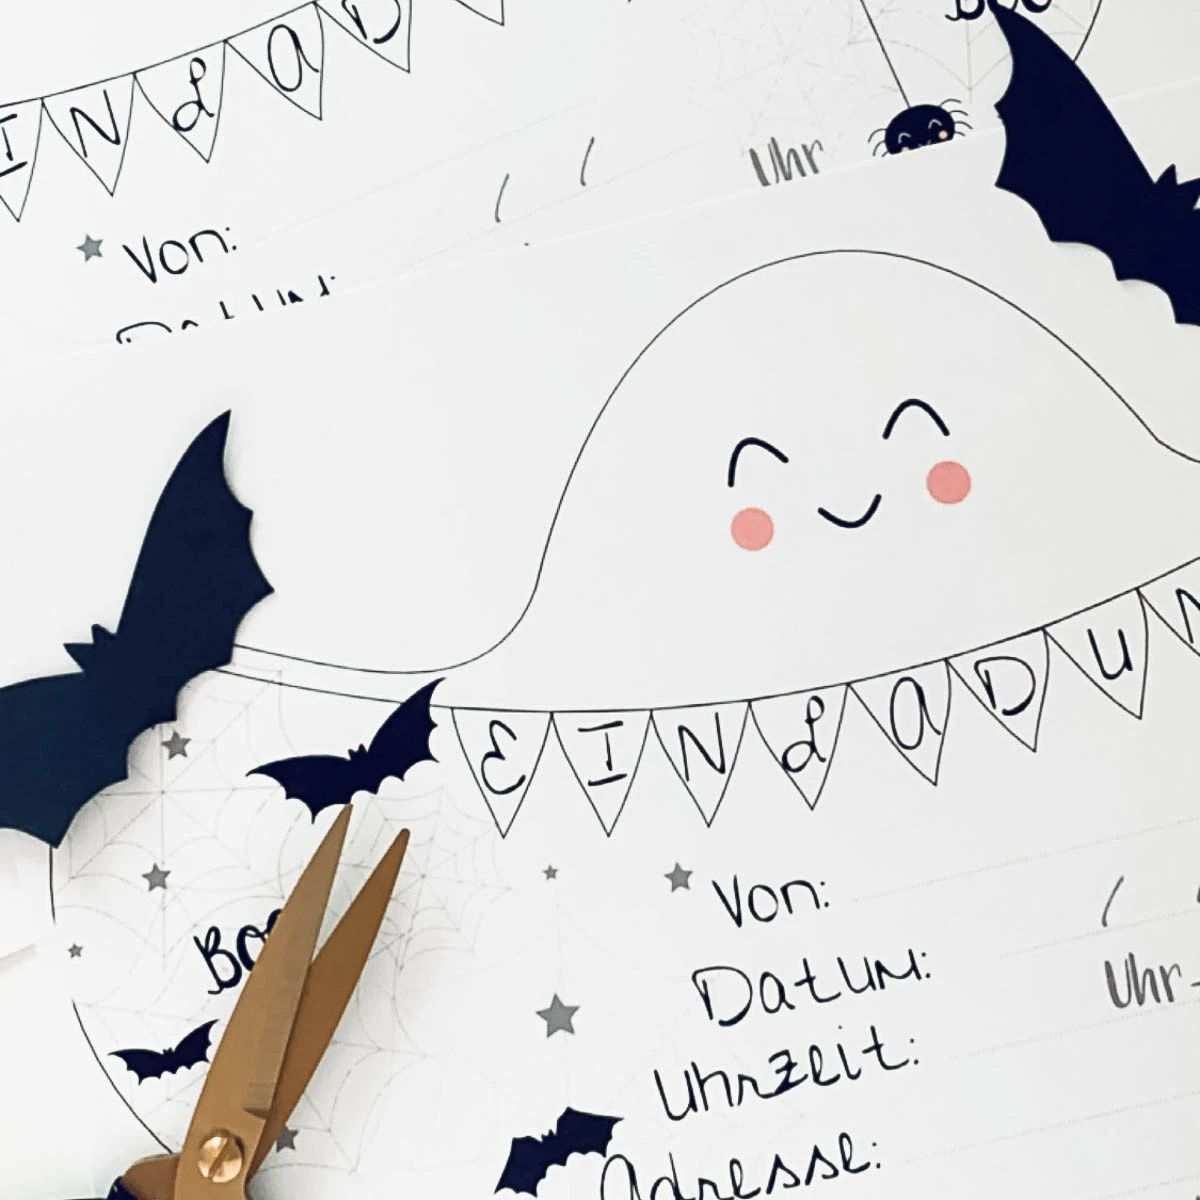 Vorlage Fur Eine Halloween Einladung Fur Kinder Halloween Einladung Halloween Anhanger Halloween Feiern Mit Kindern